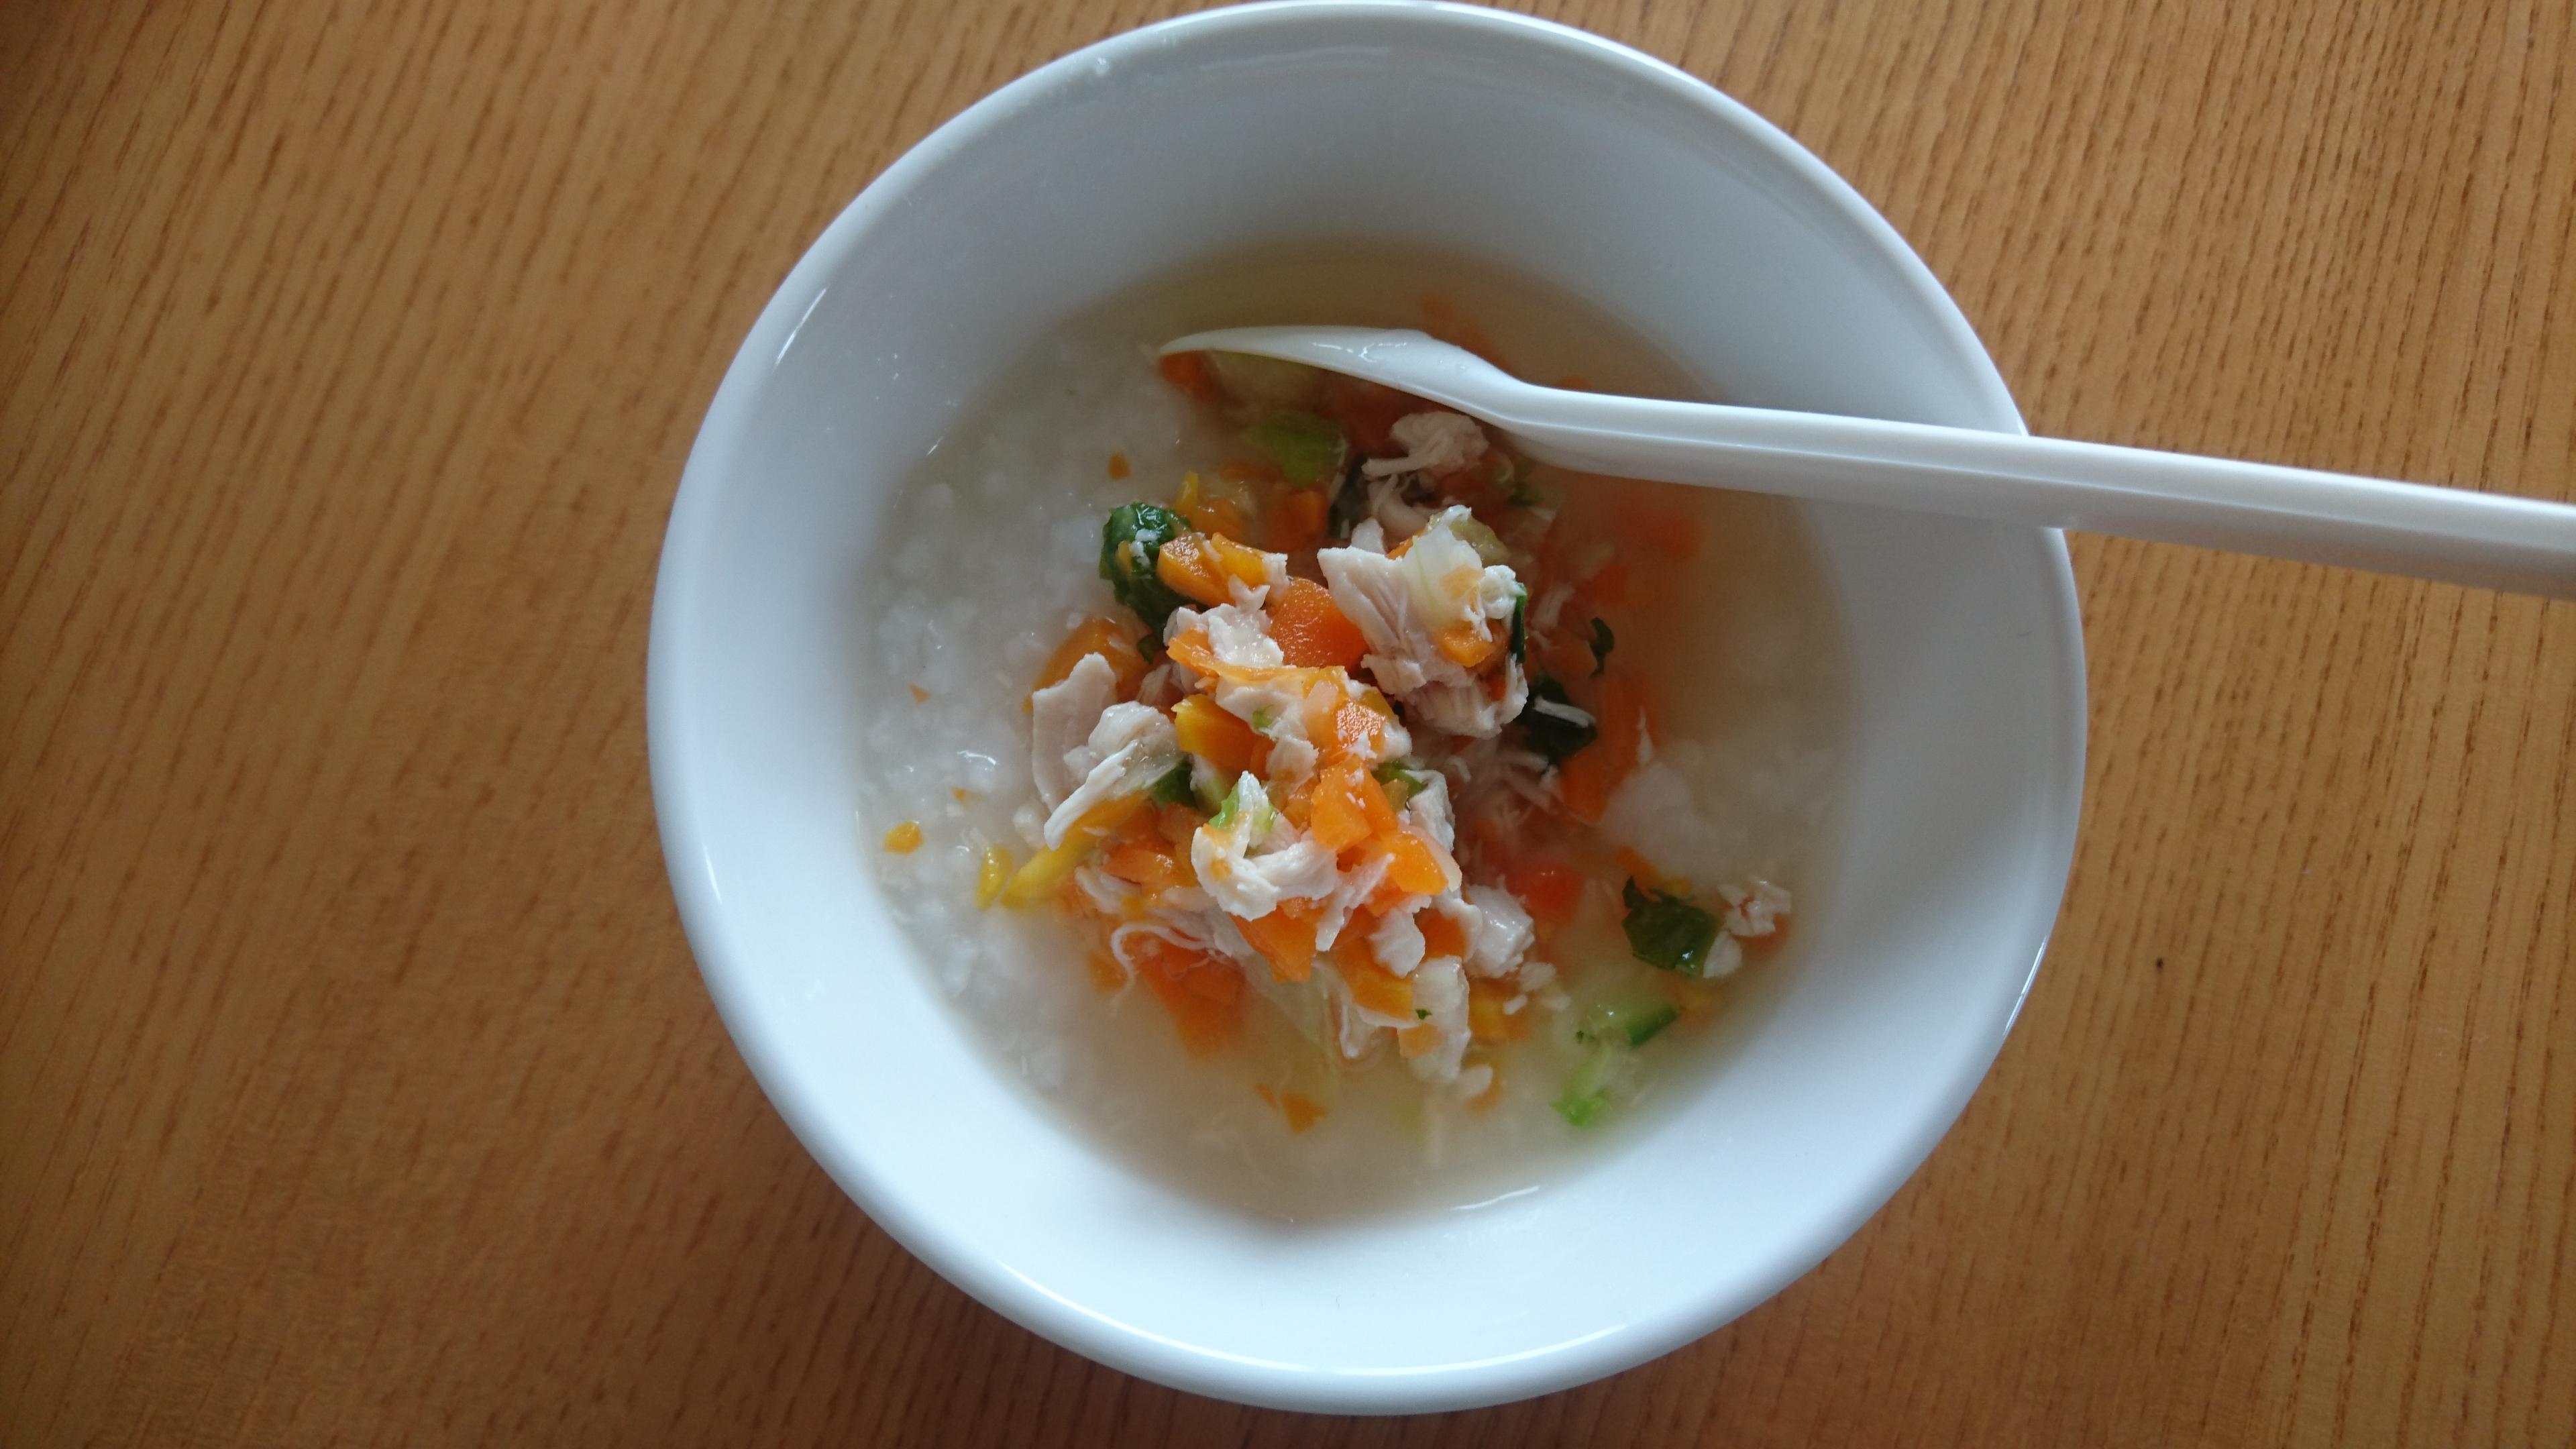 離乳食:白菜と人参とささみのあんかけがゆなど